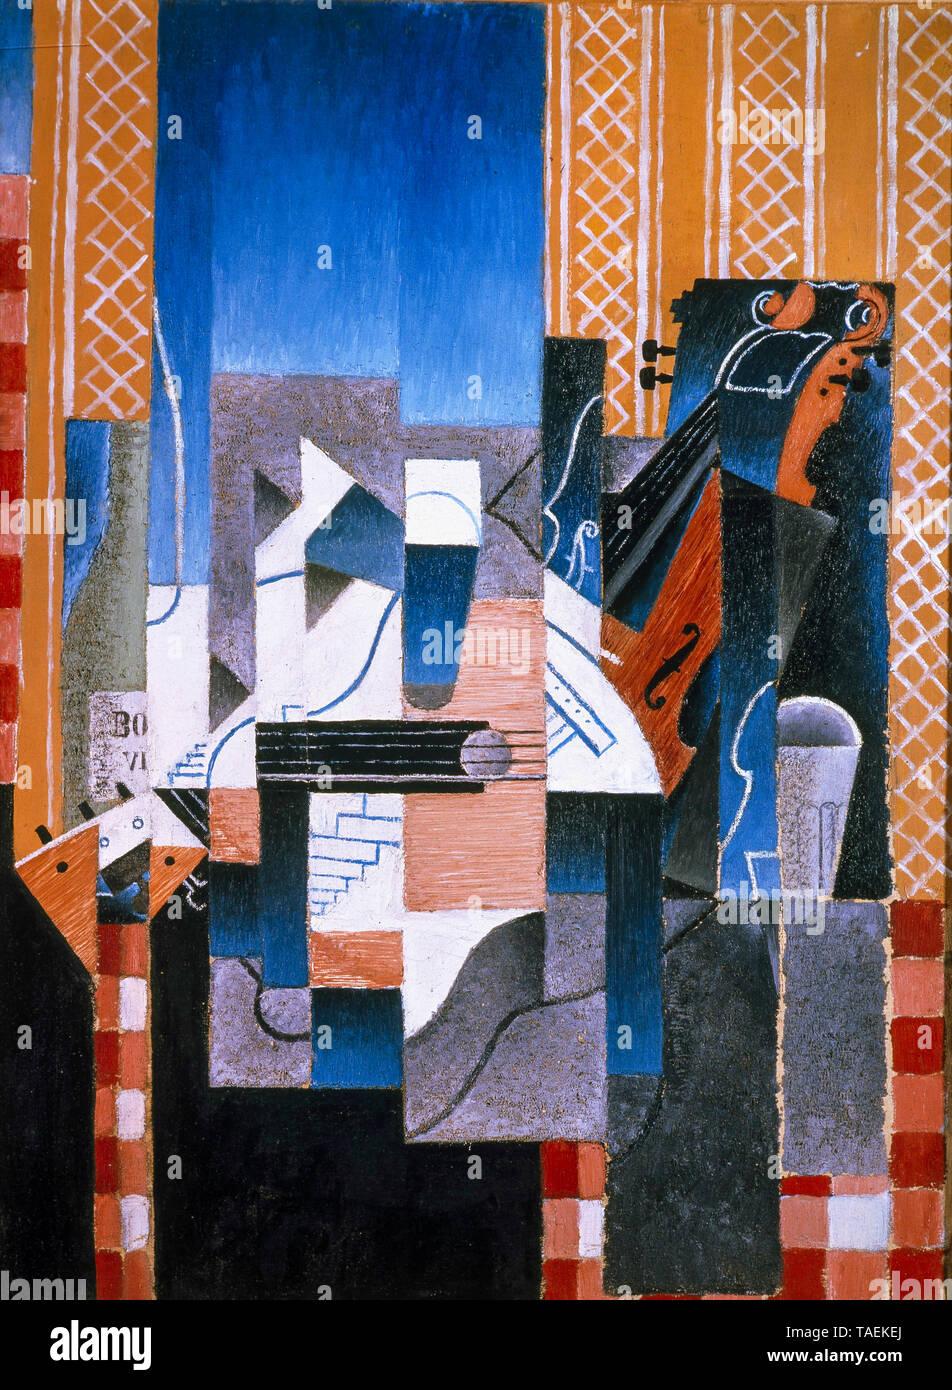 Juan Gris, violín y guitarra, bodegón pintura, 1913 Imagen De Stock